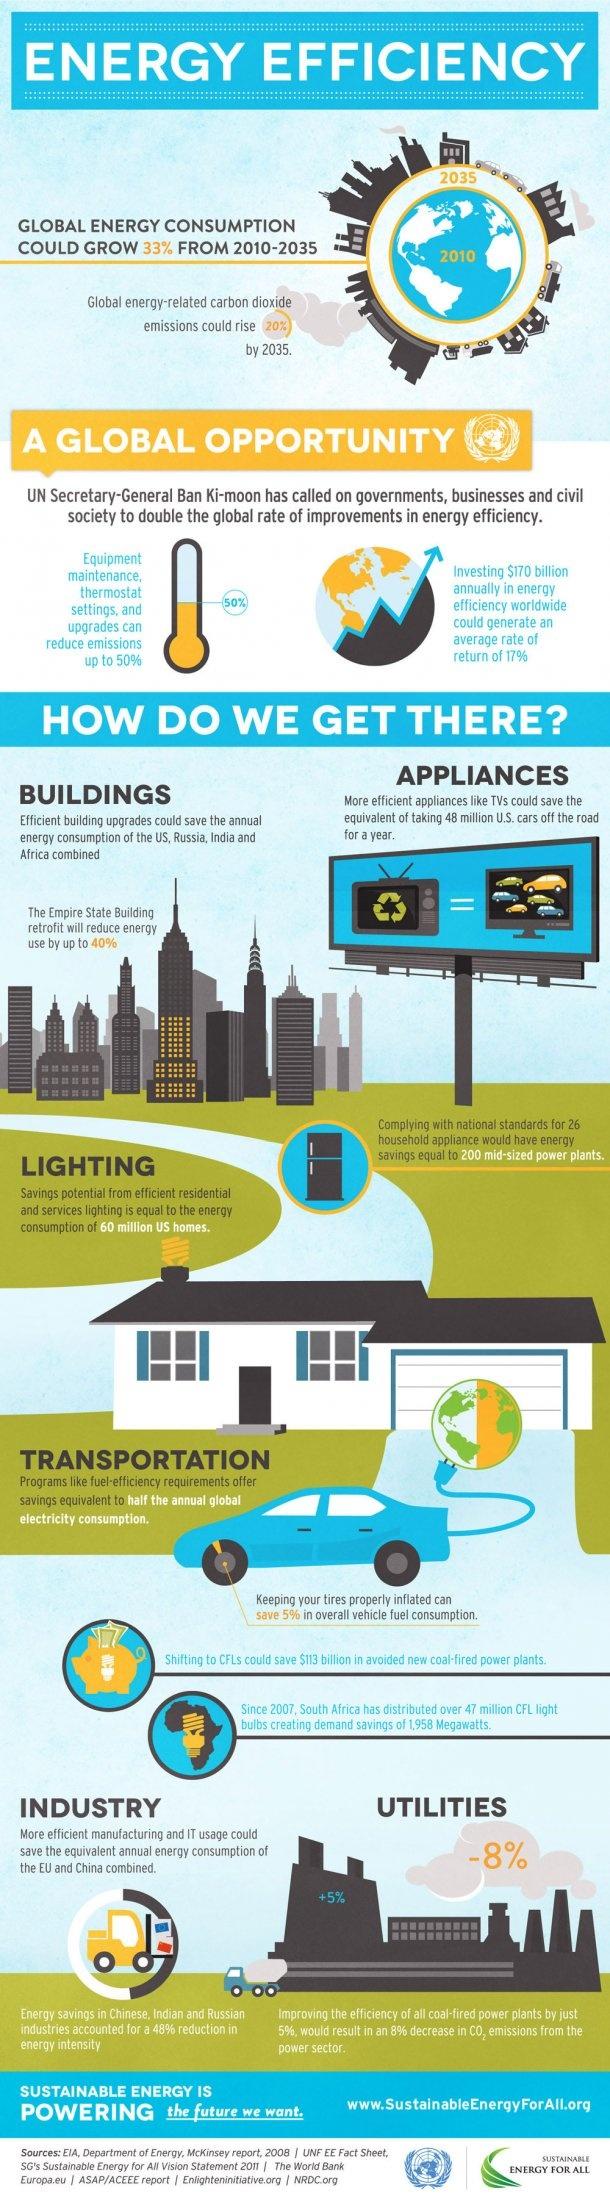 Energy Efficiency #INFOGRAPHIC